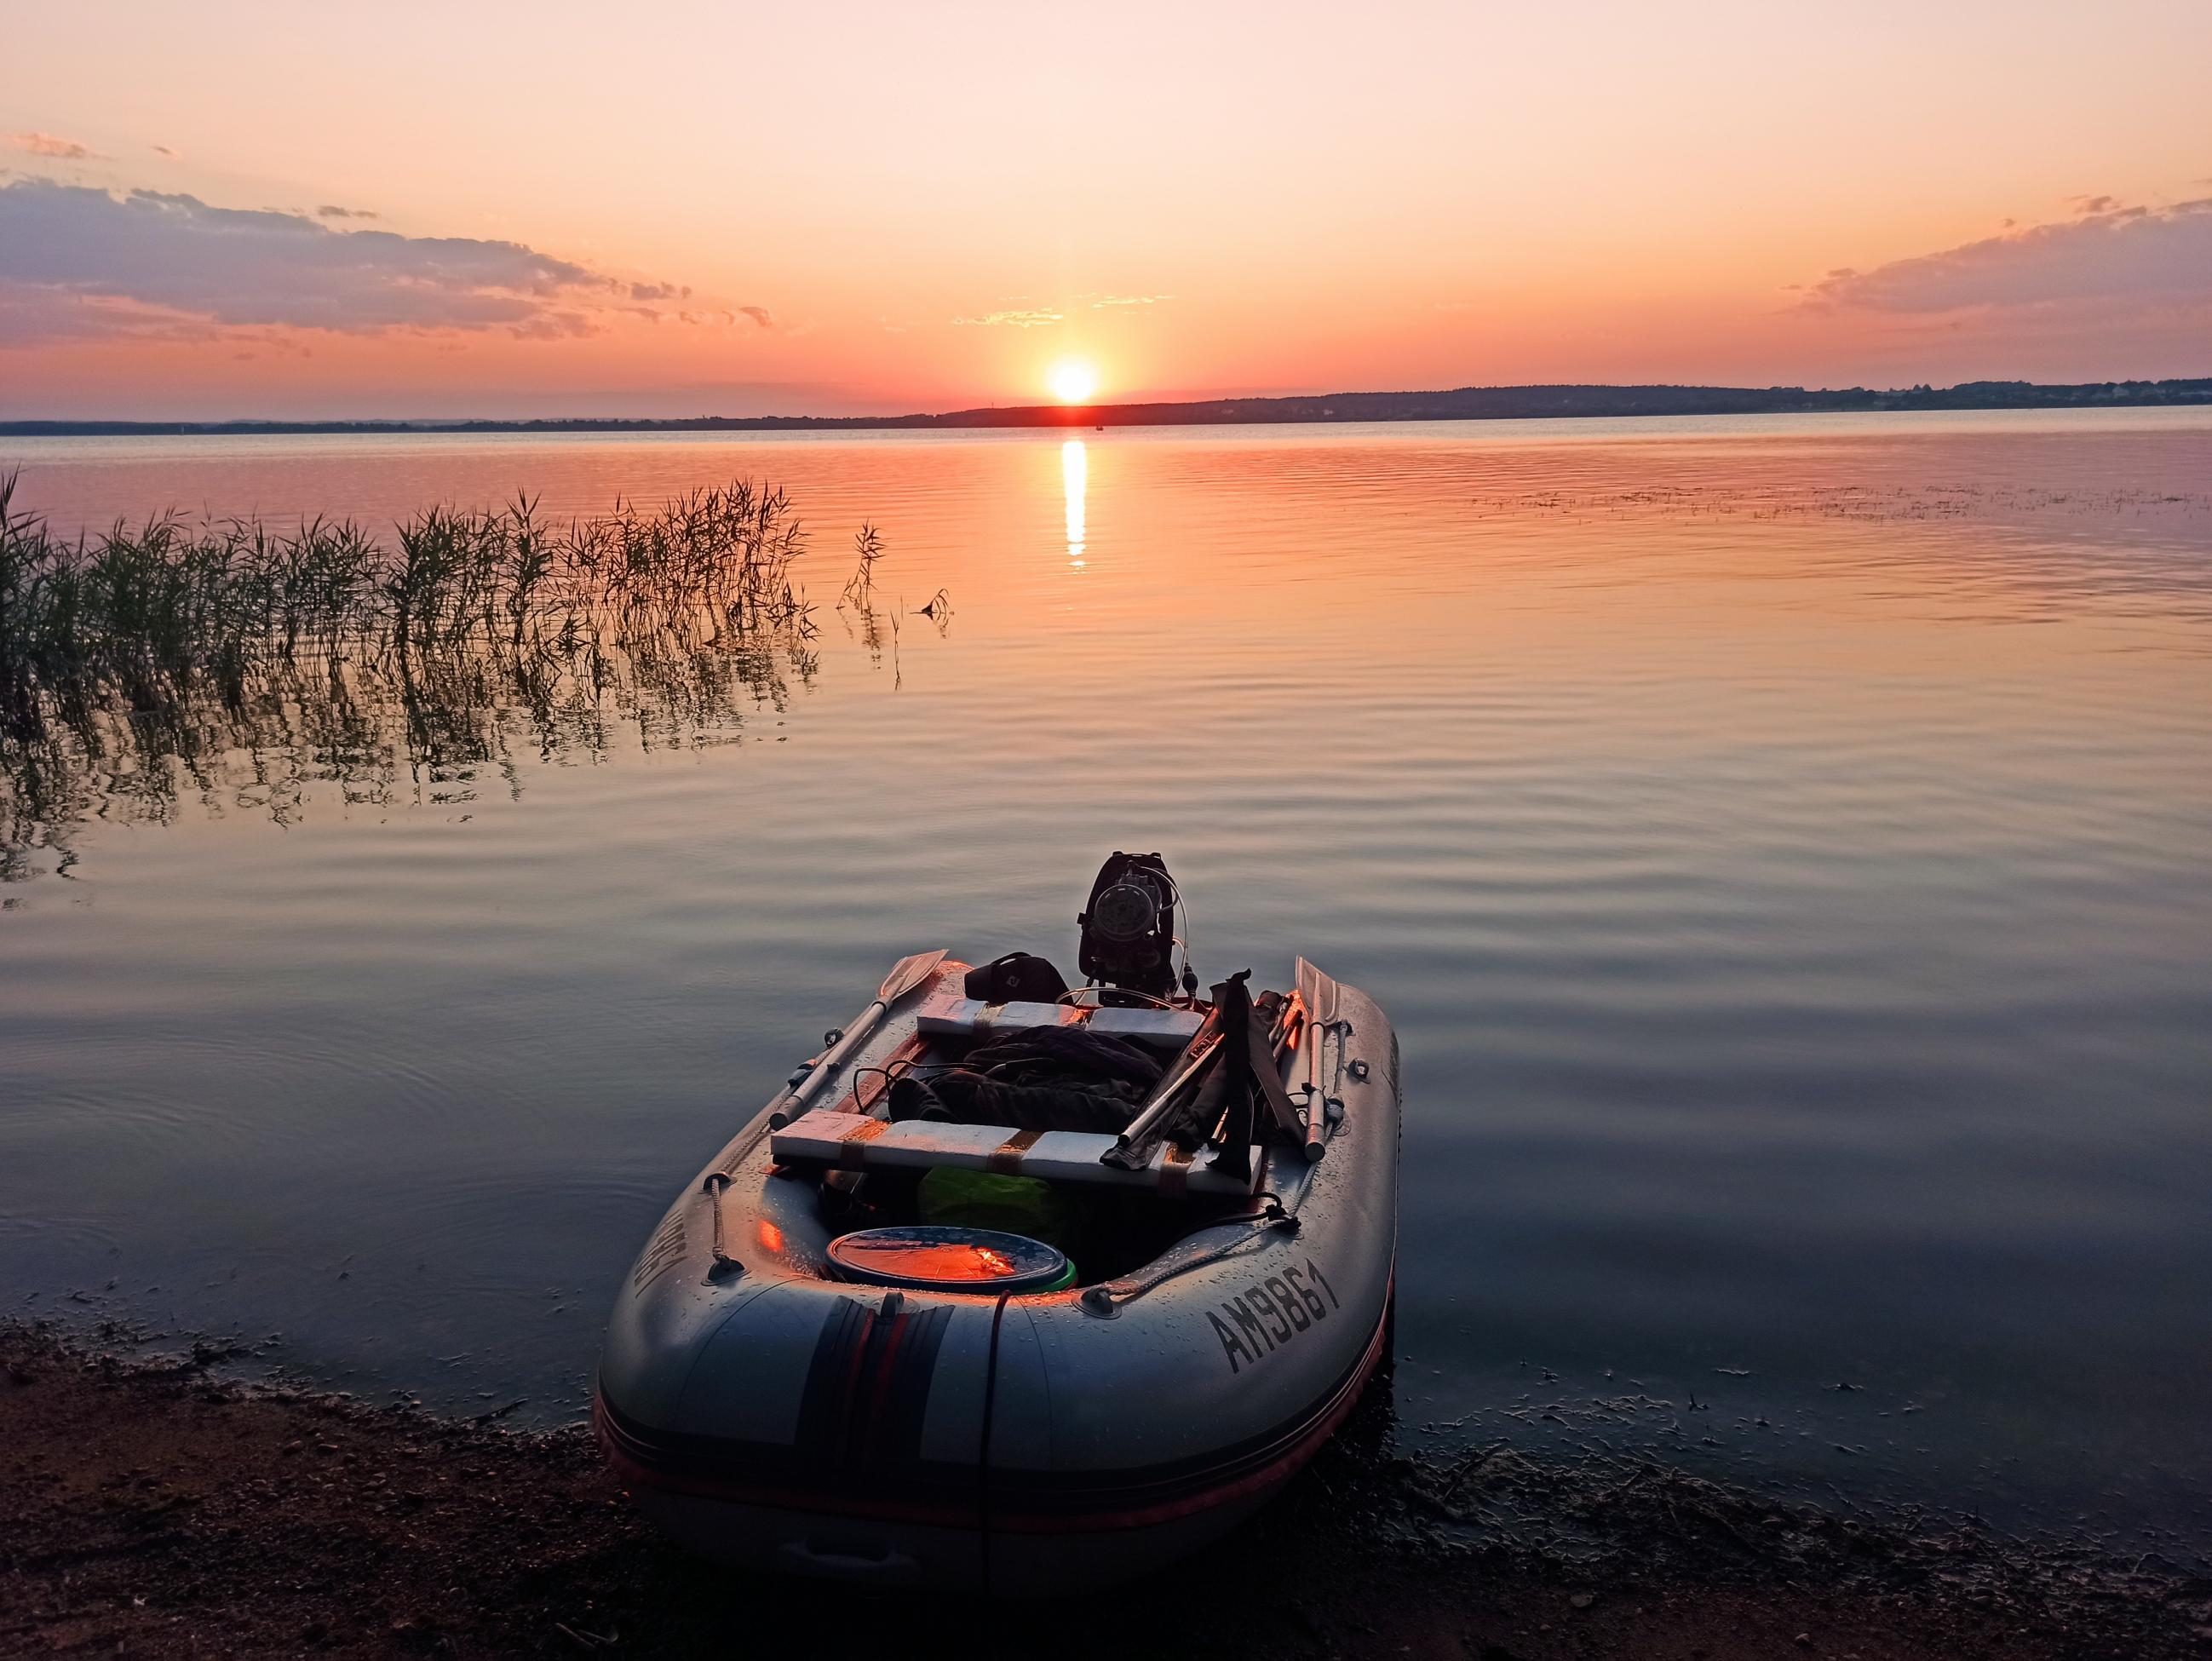 Наконец осуществил одну давнишнюю свою задумку: забрался на ... | Отчеты о рыбалке в Беларуси